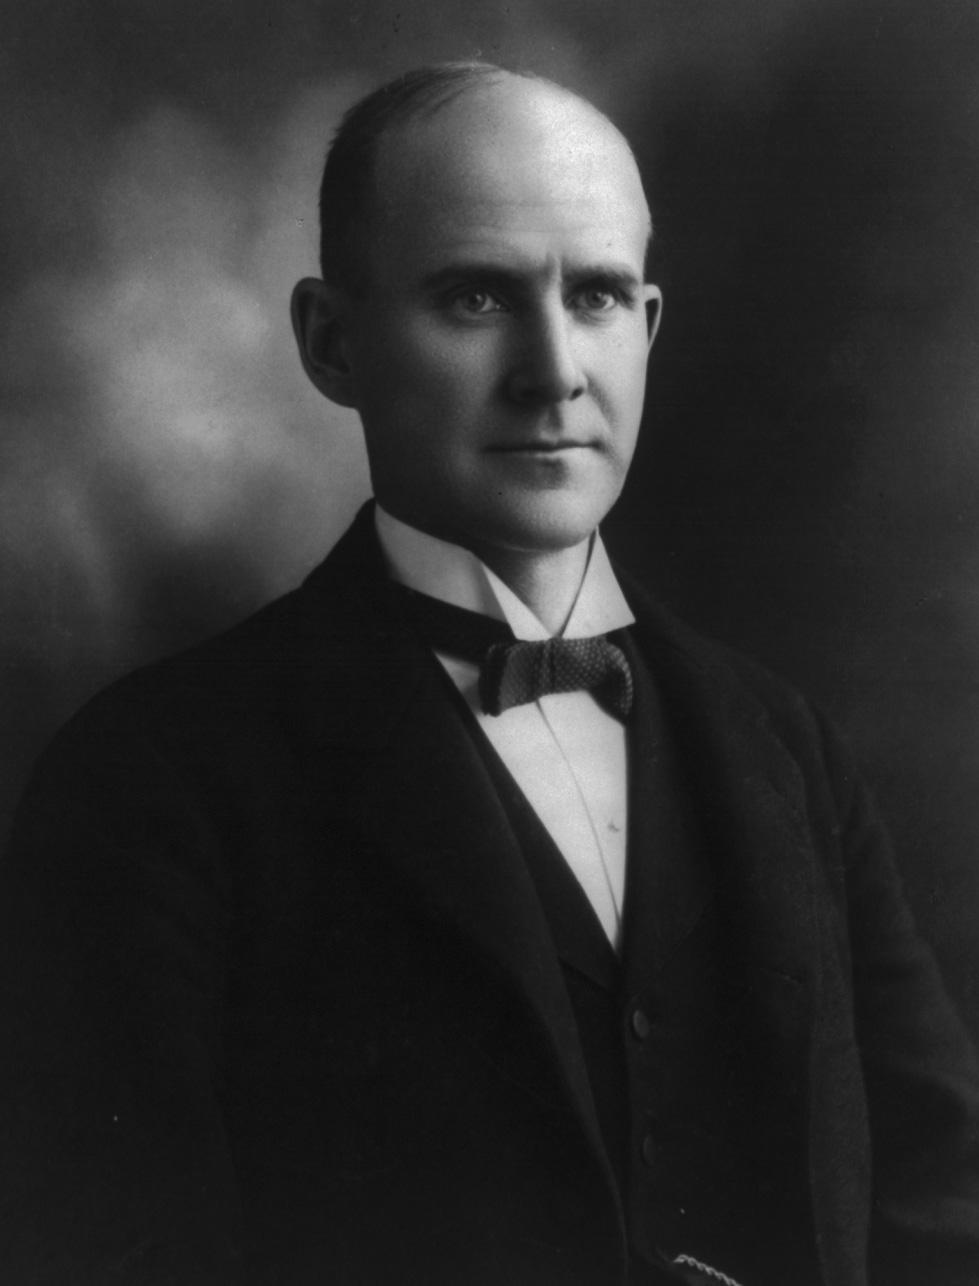 https://upload.wikimedia.org/wikipedia/commons/9/92/Eugene_V._Debs%2C_bw_photo_portrait%2C_1897.jpg